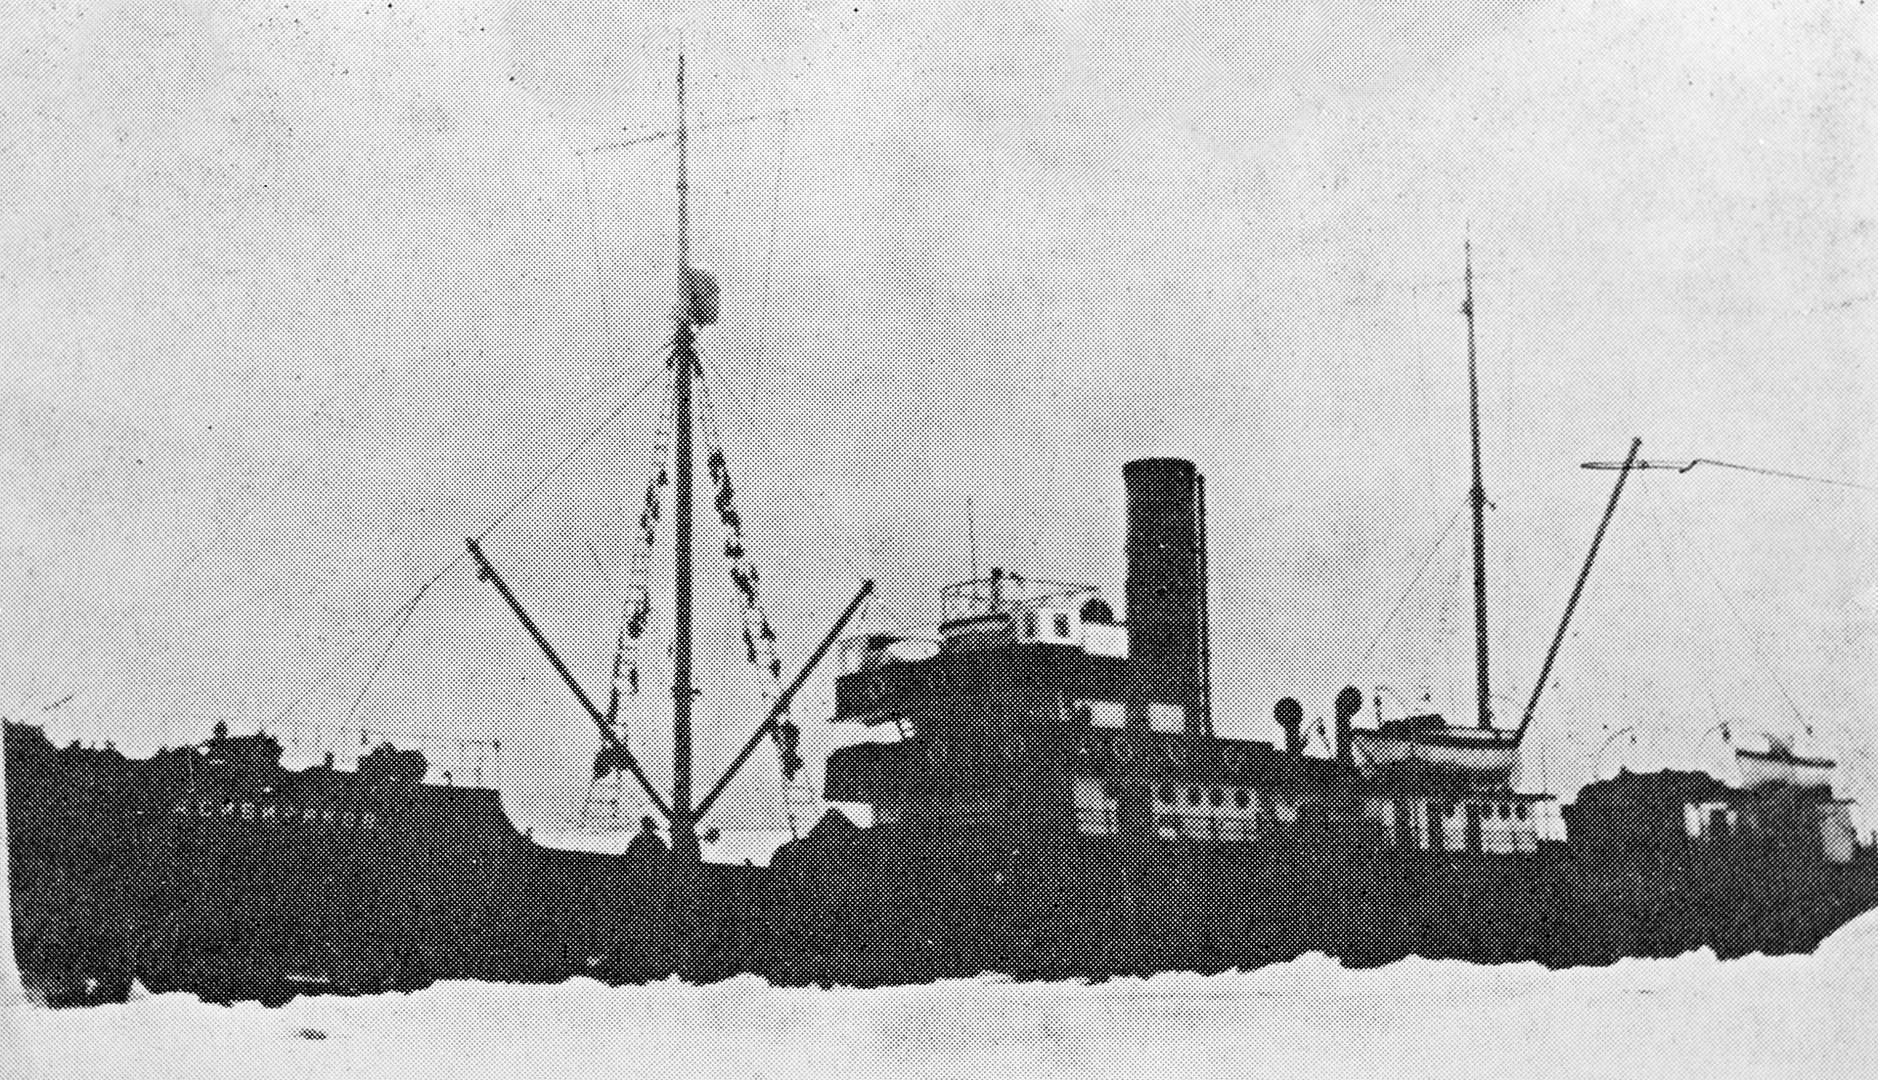 ロシアの工業家アレクサンドル・シビリャコフにちなんで名付けられた砕氷船。 [1849~1933年] 。